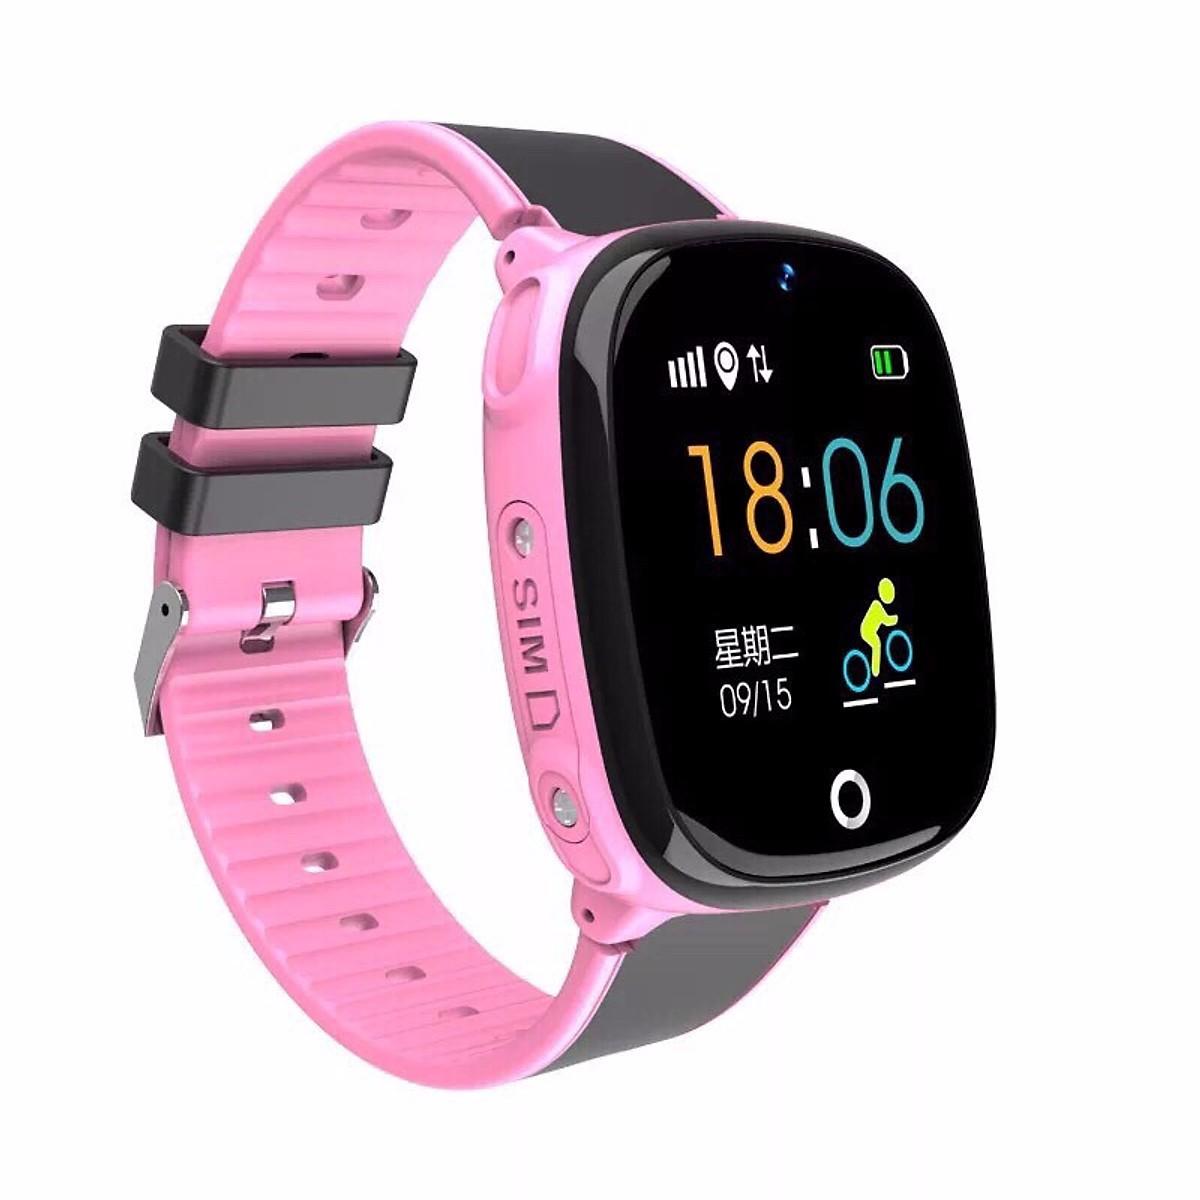 Đồng hồ định vị GPS chống nước HW11 Có camera (hồng)